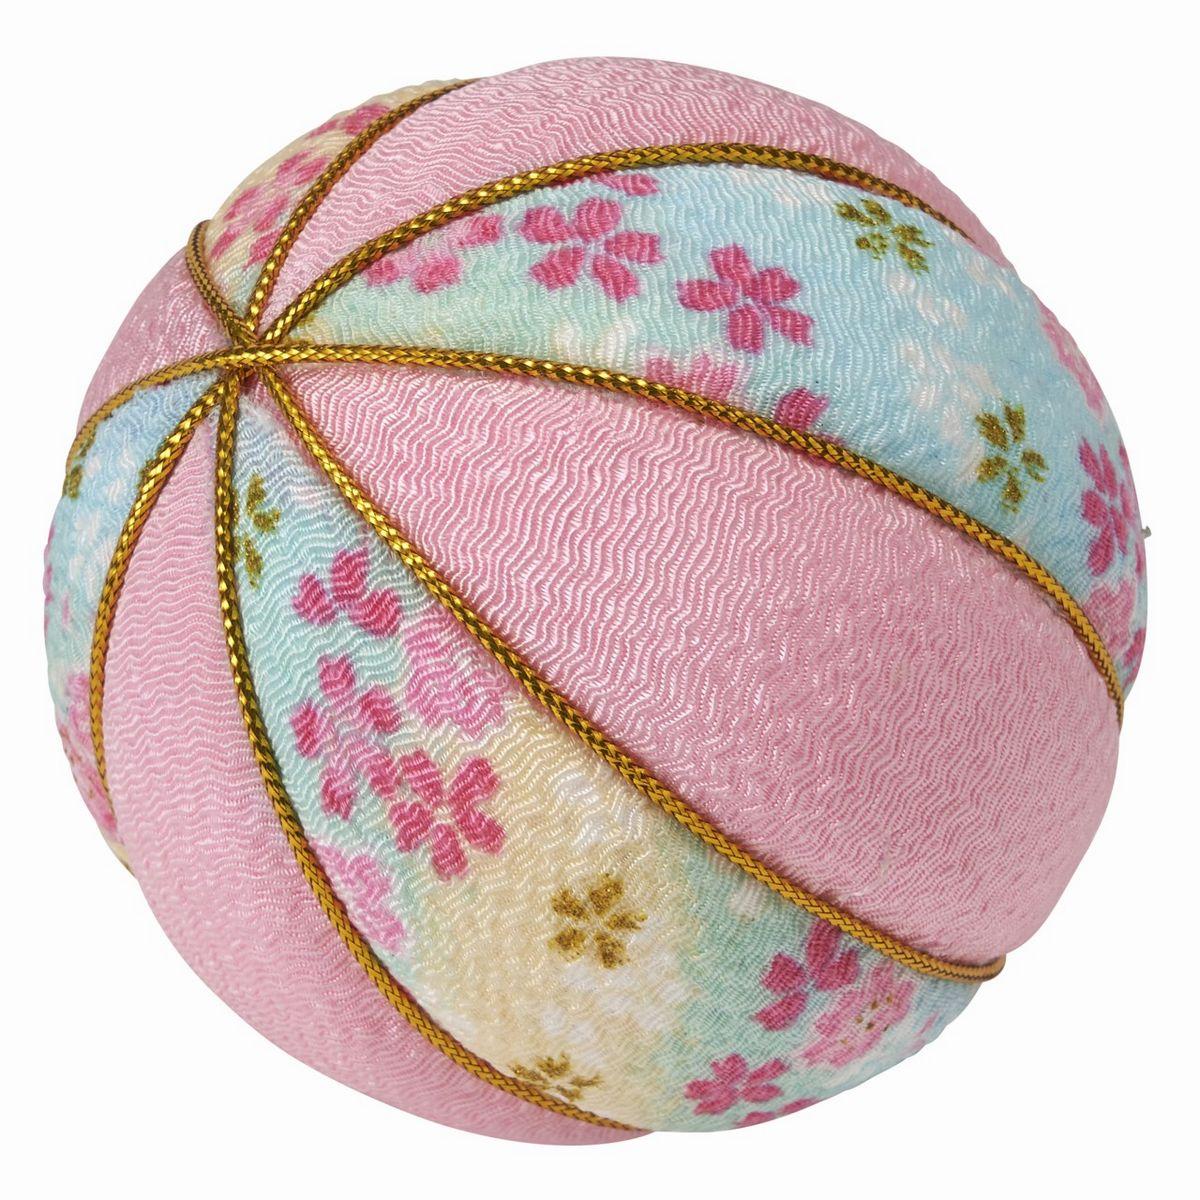 花資材 記念日 道具 アクセサリー 海外 和風アクセサリー 即日 ZE000013-002 花柄 ピンク ちりめん花玉8cm